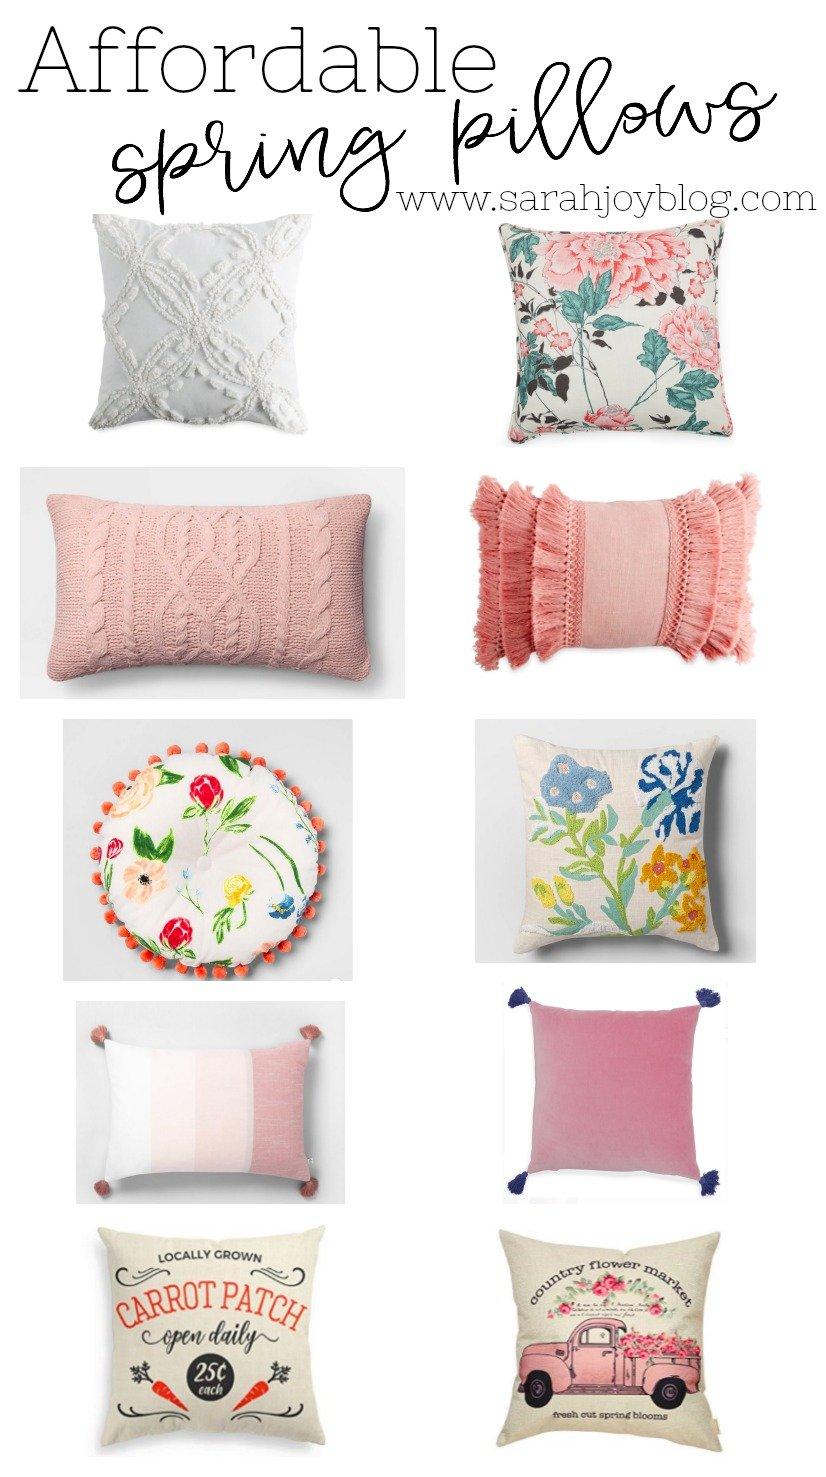 Affordable spring pillows. Spring home decor ideas!